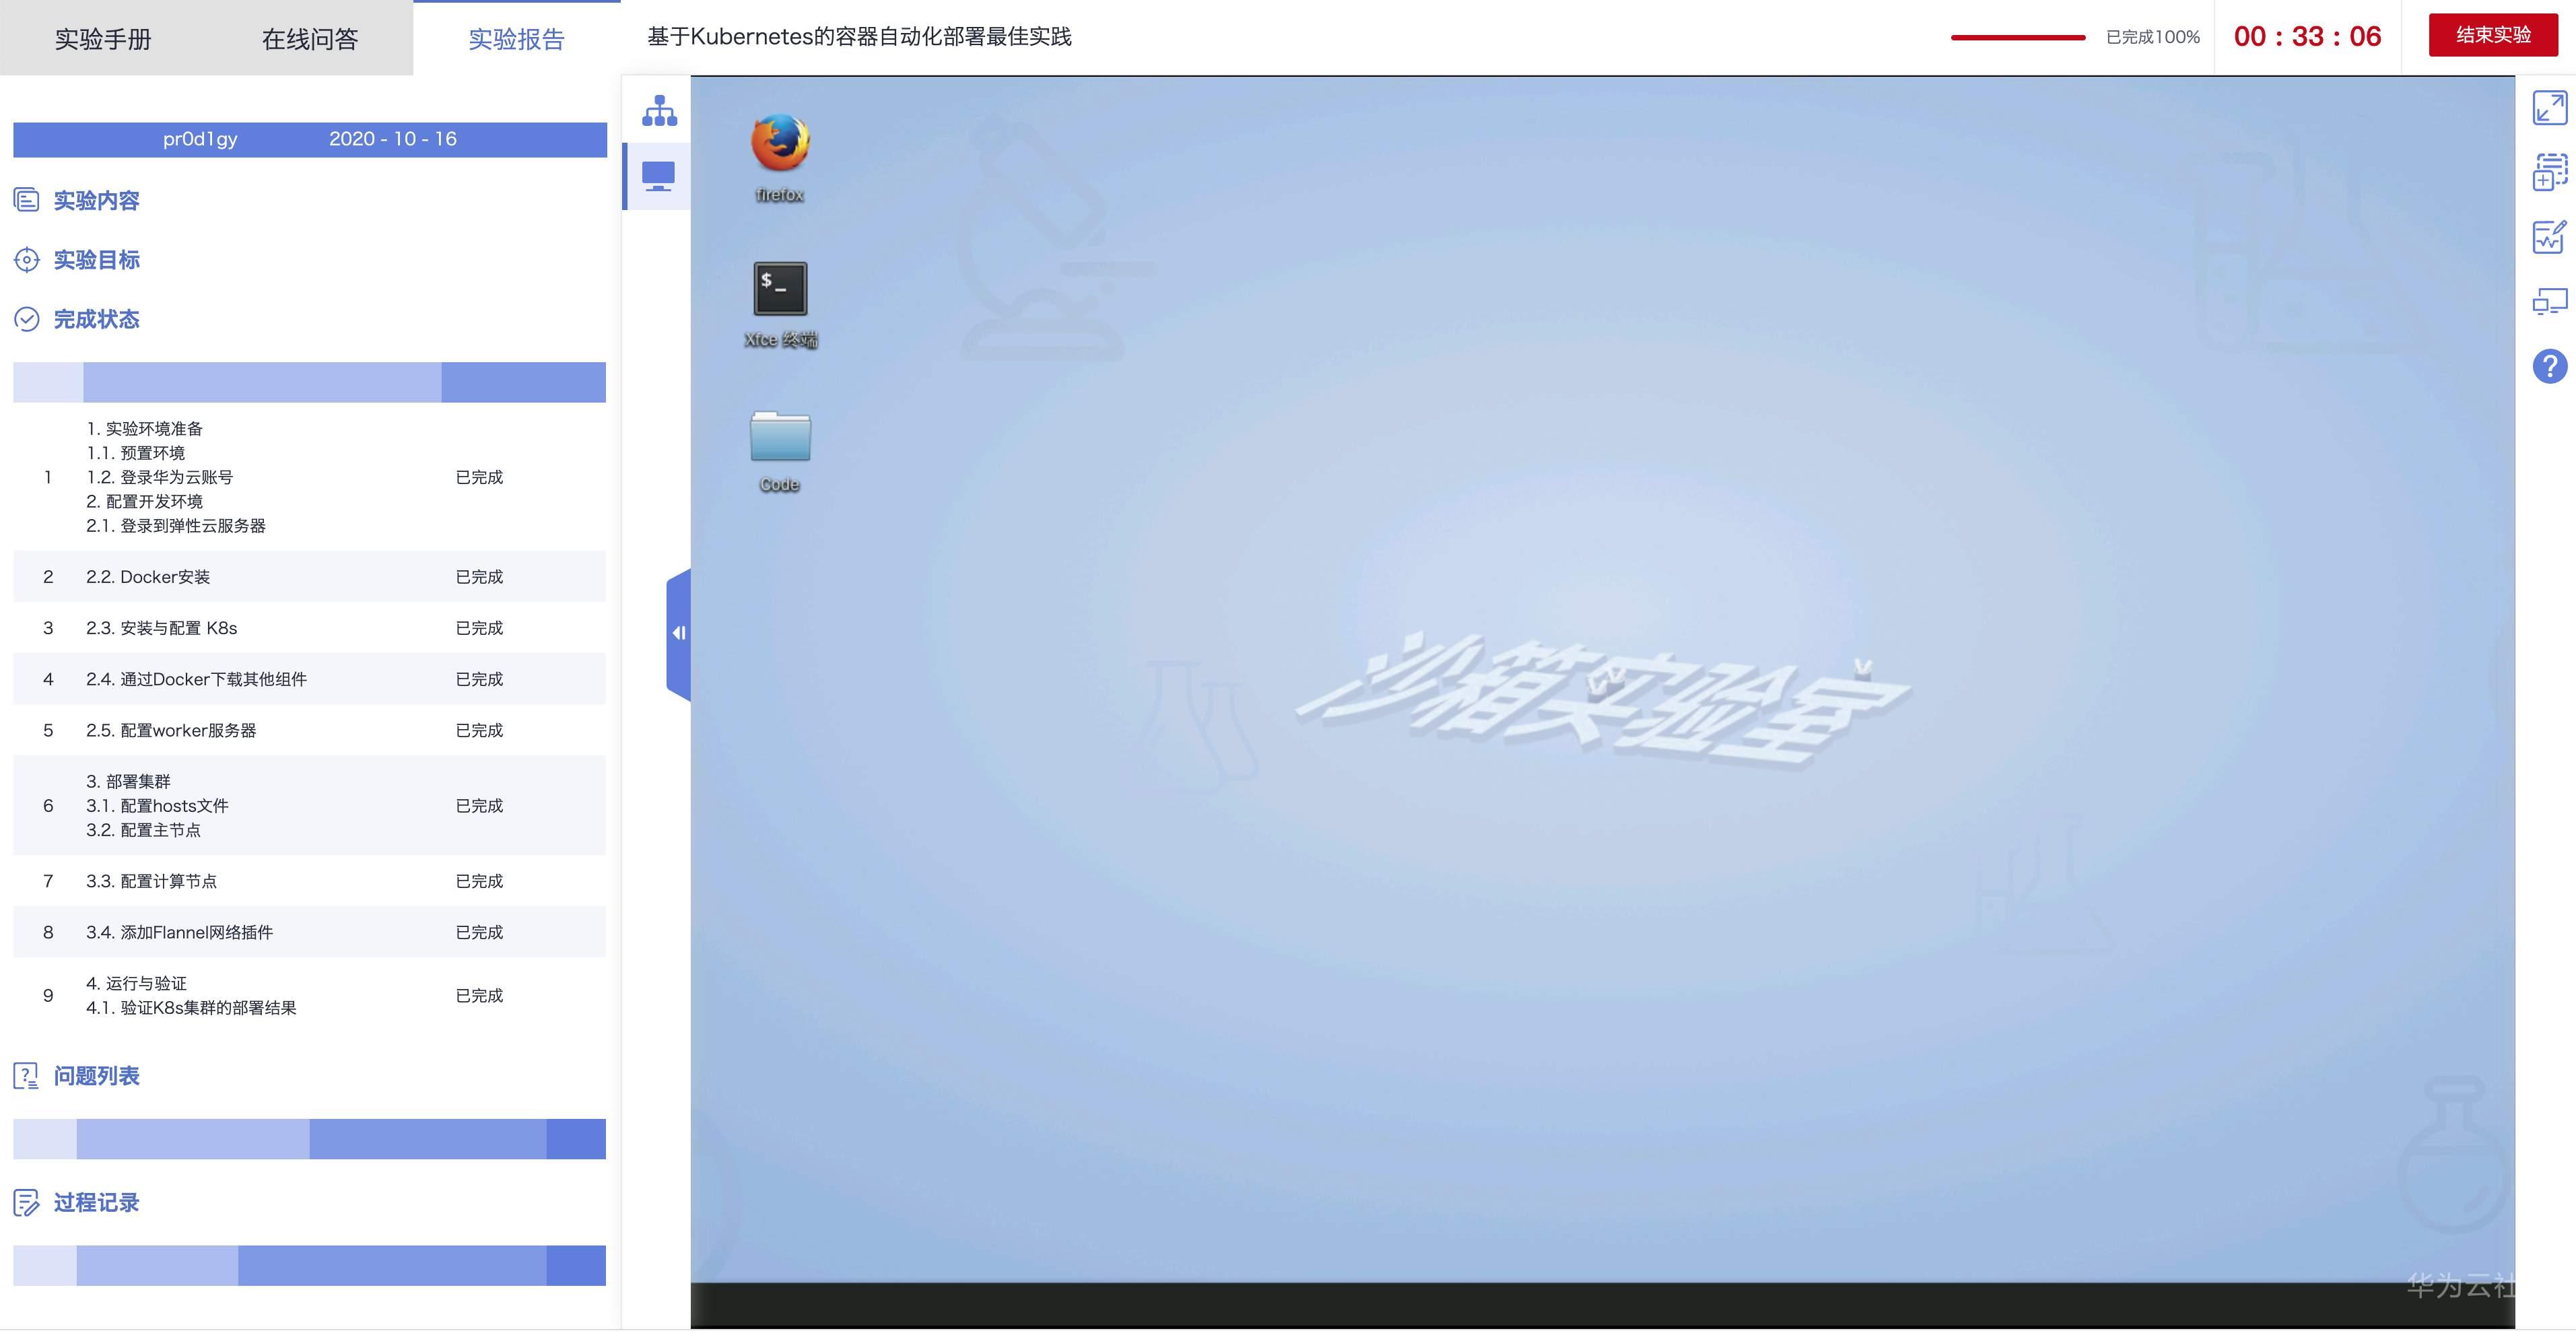 Screenshot 2020-10-16 at 10.30.06.png